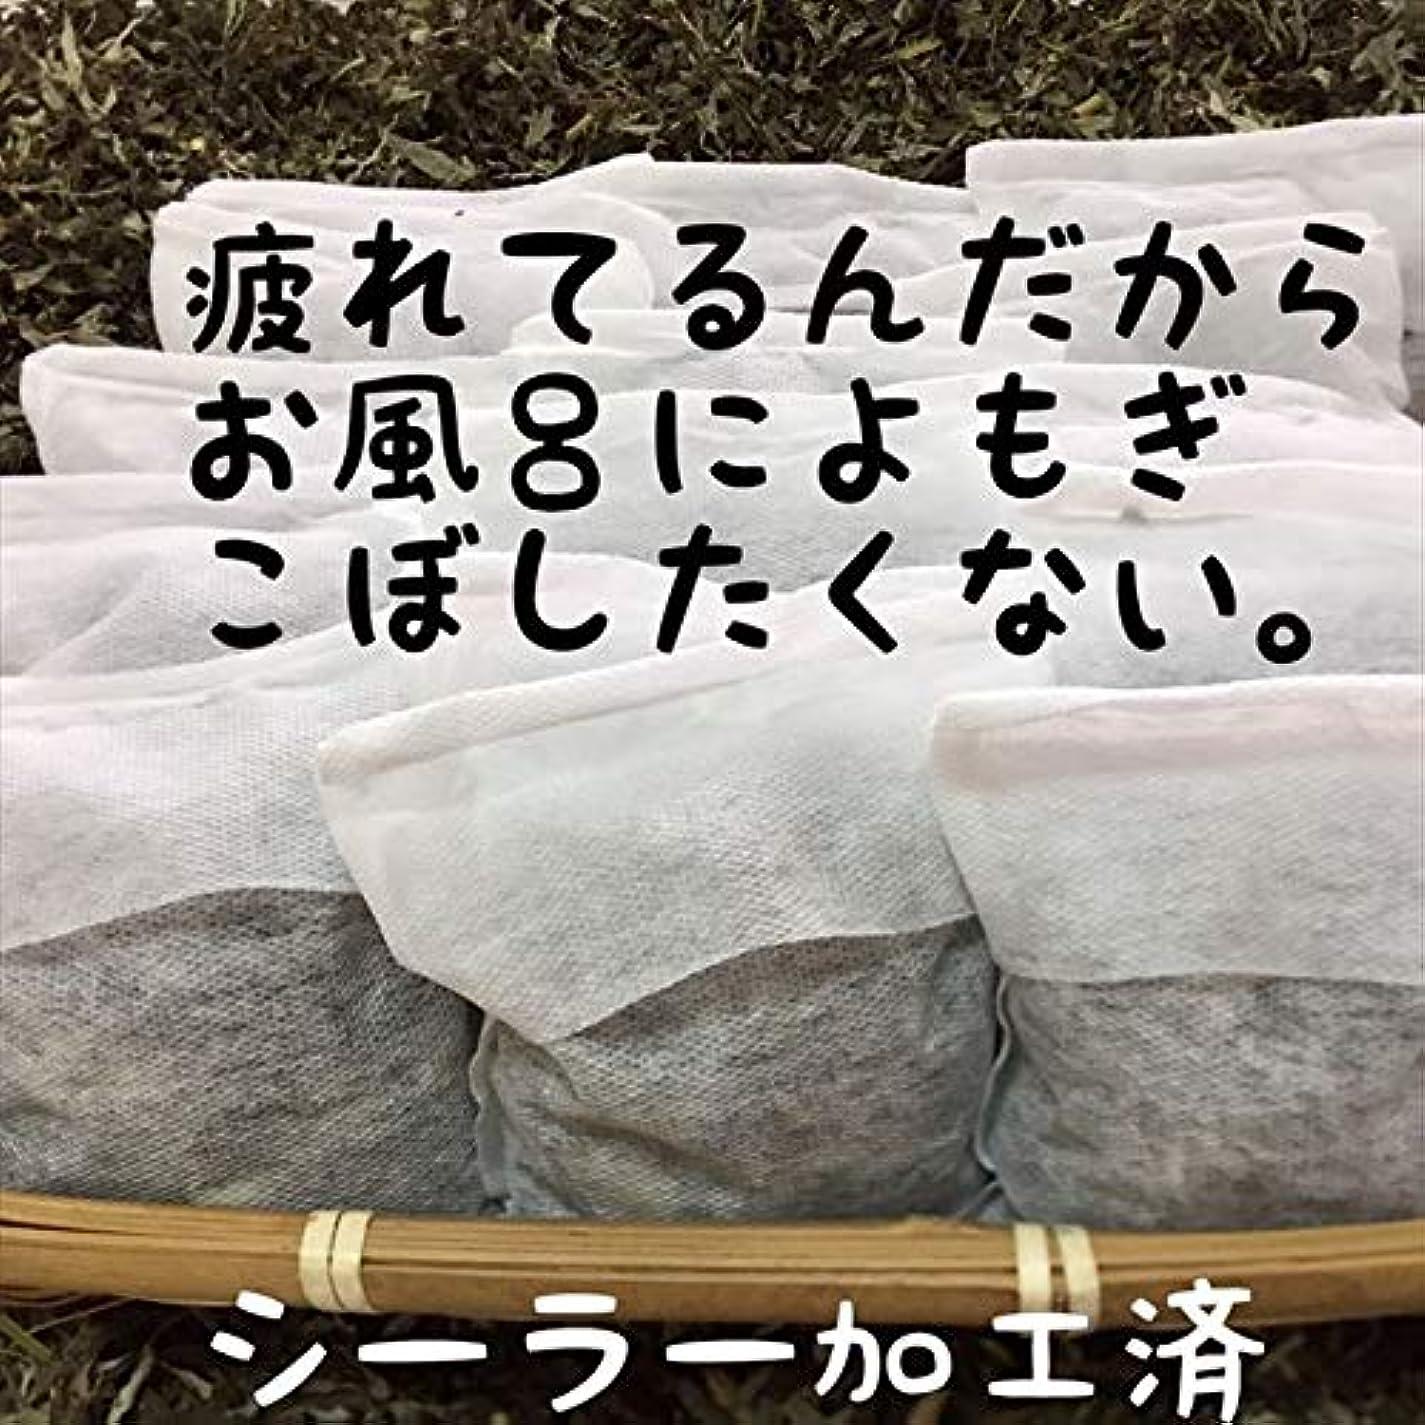 バリケード同種のケーブル薬草 入浴剤 よもぎ 湯 20回分 薬草湯